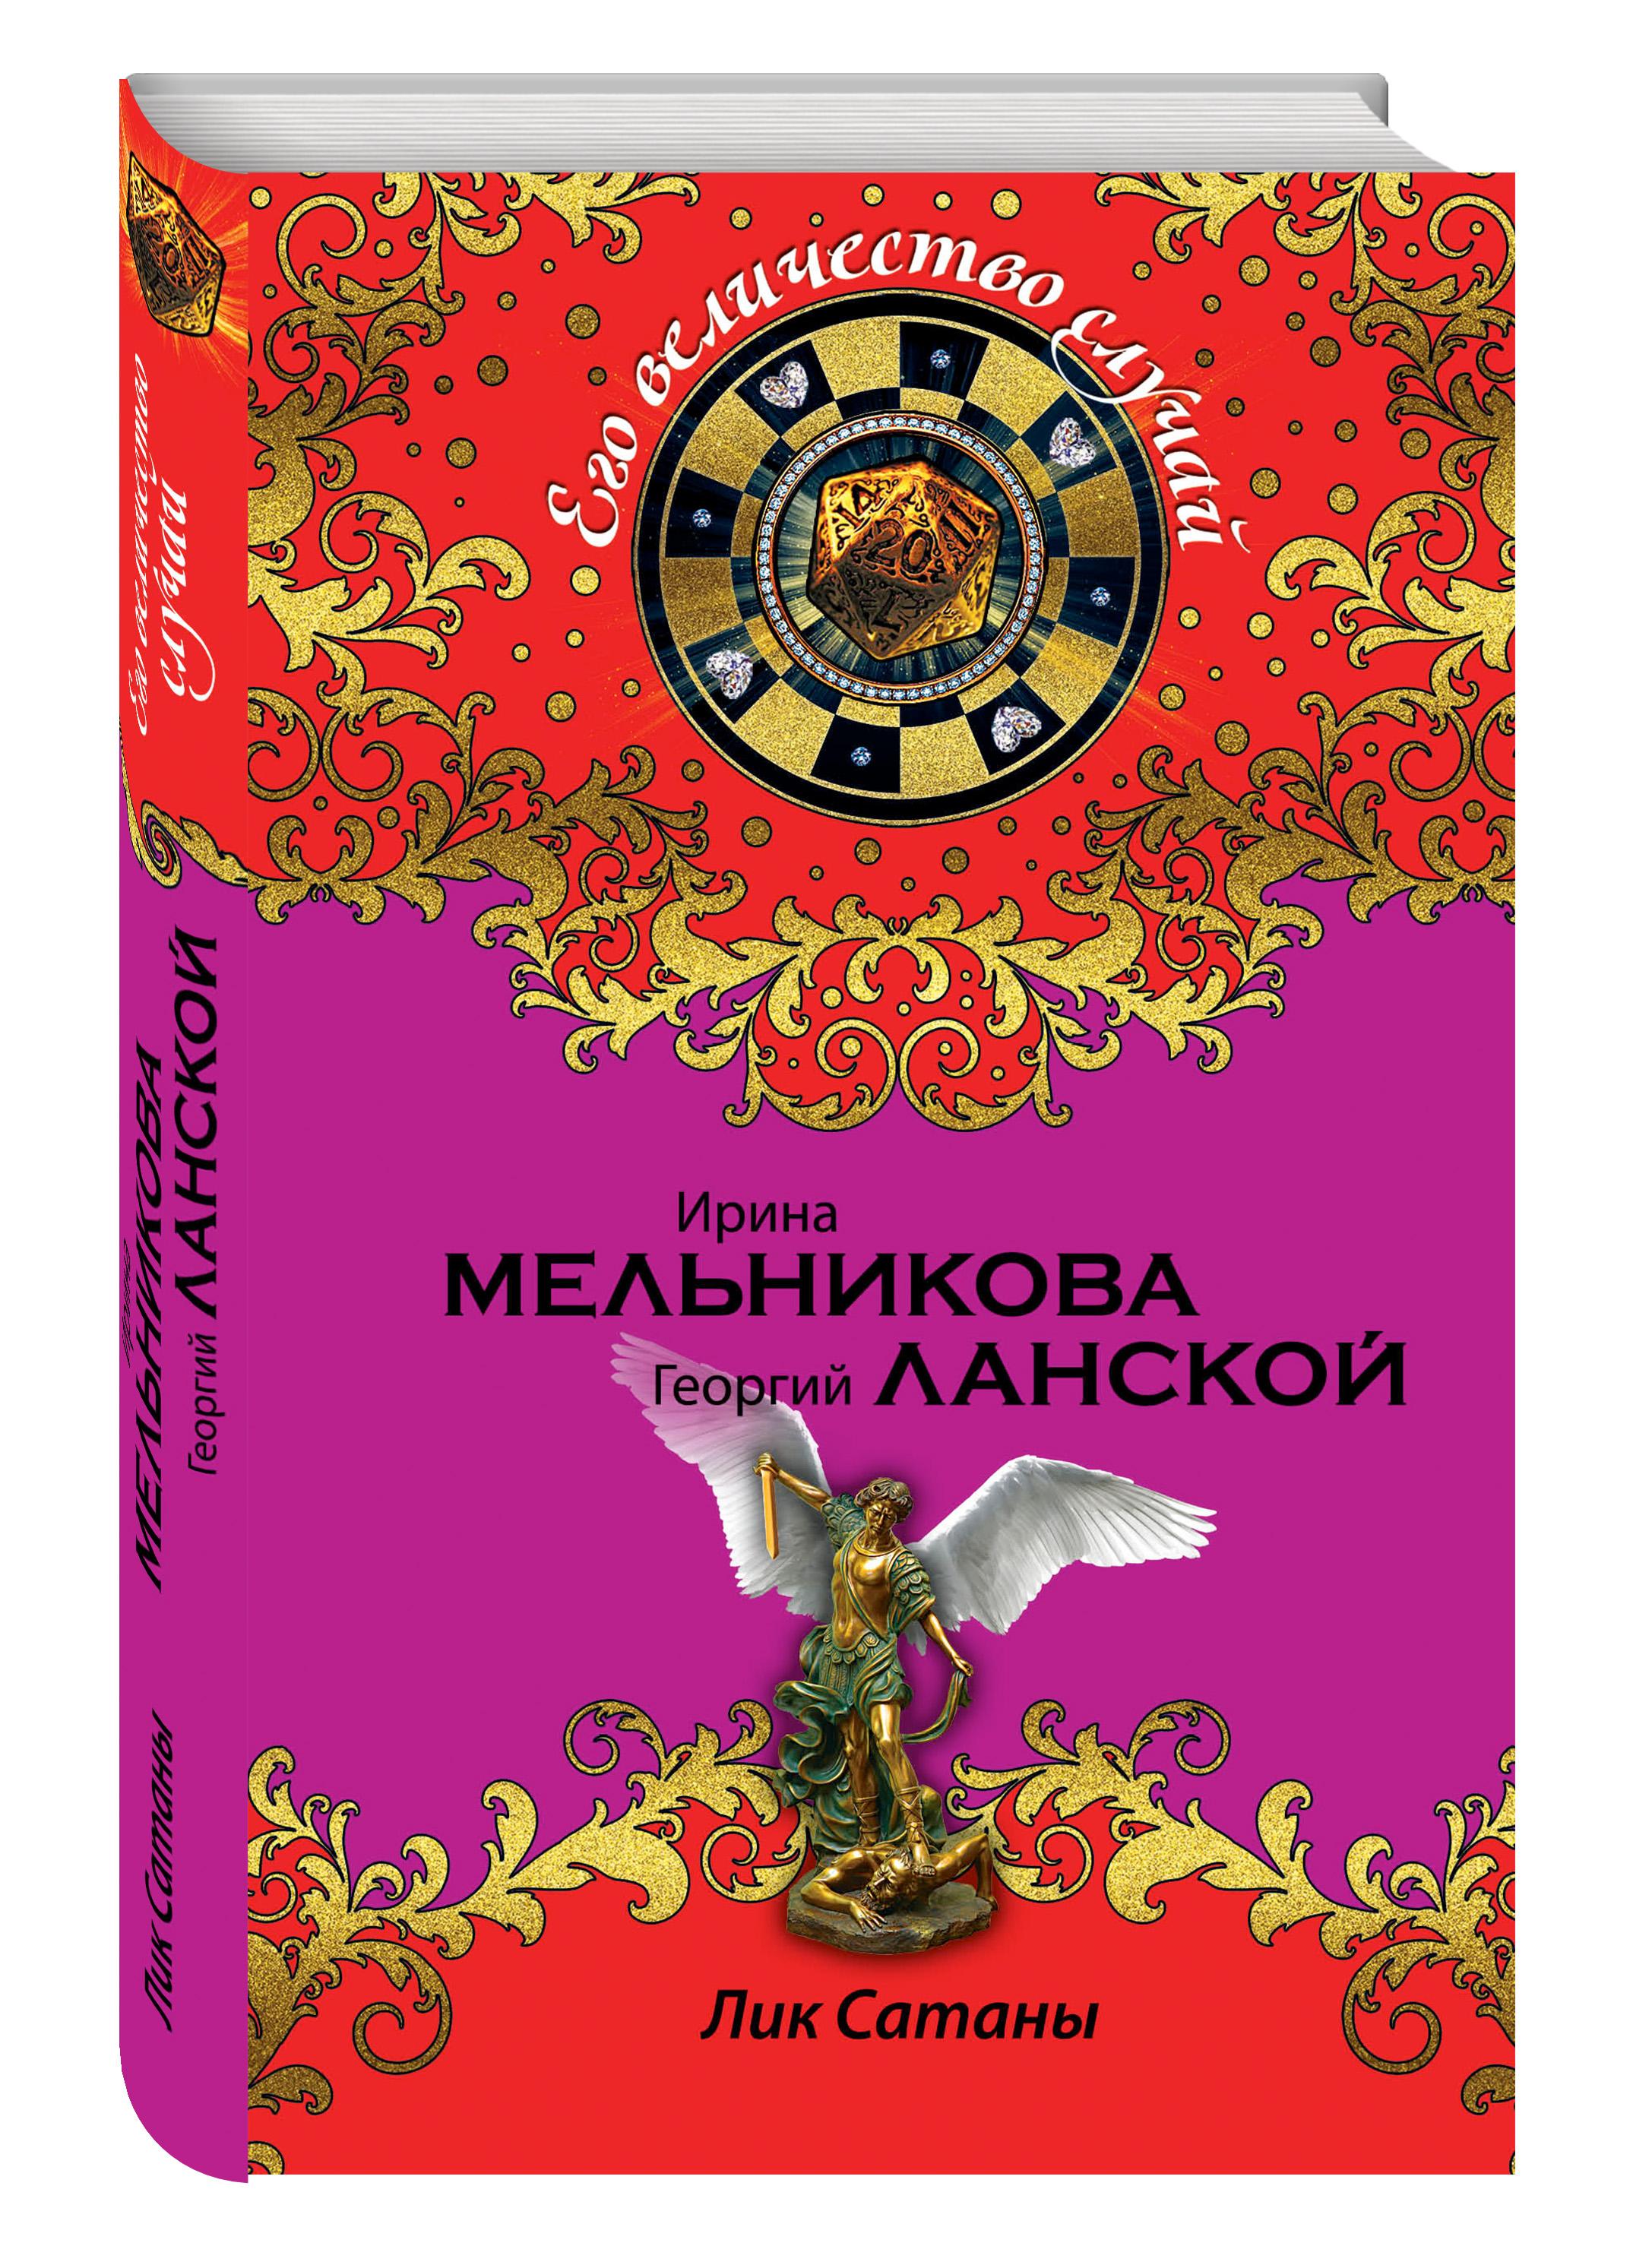 Мельникова И., Ланской Г. Лик Сатаны